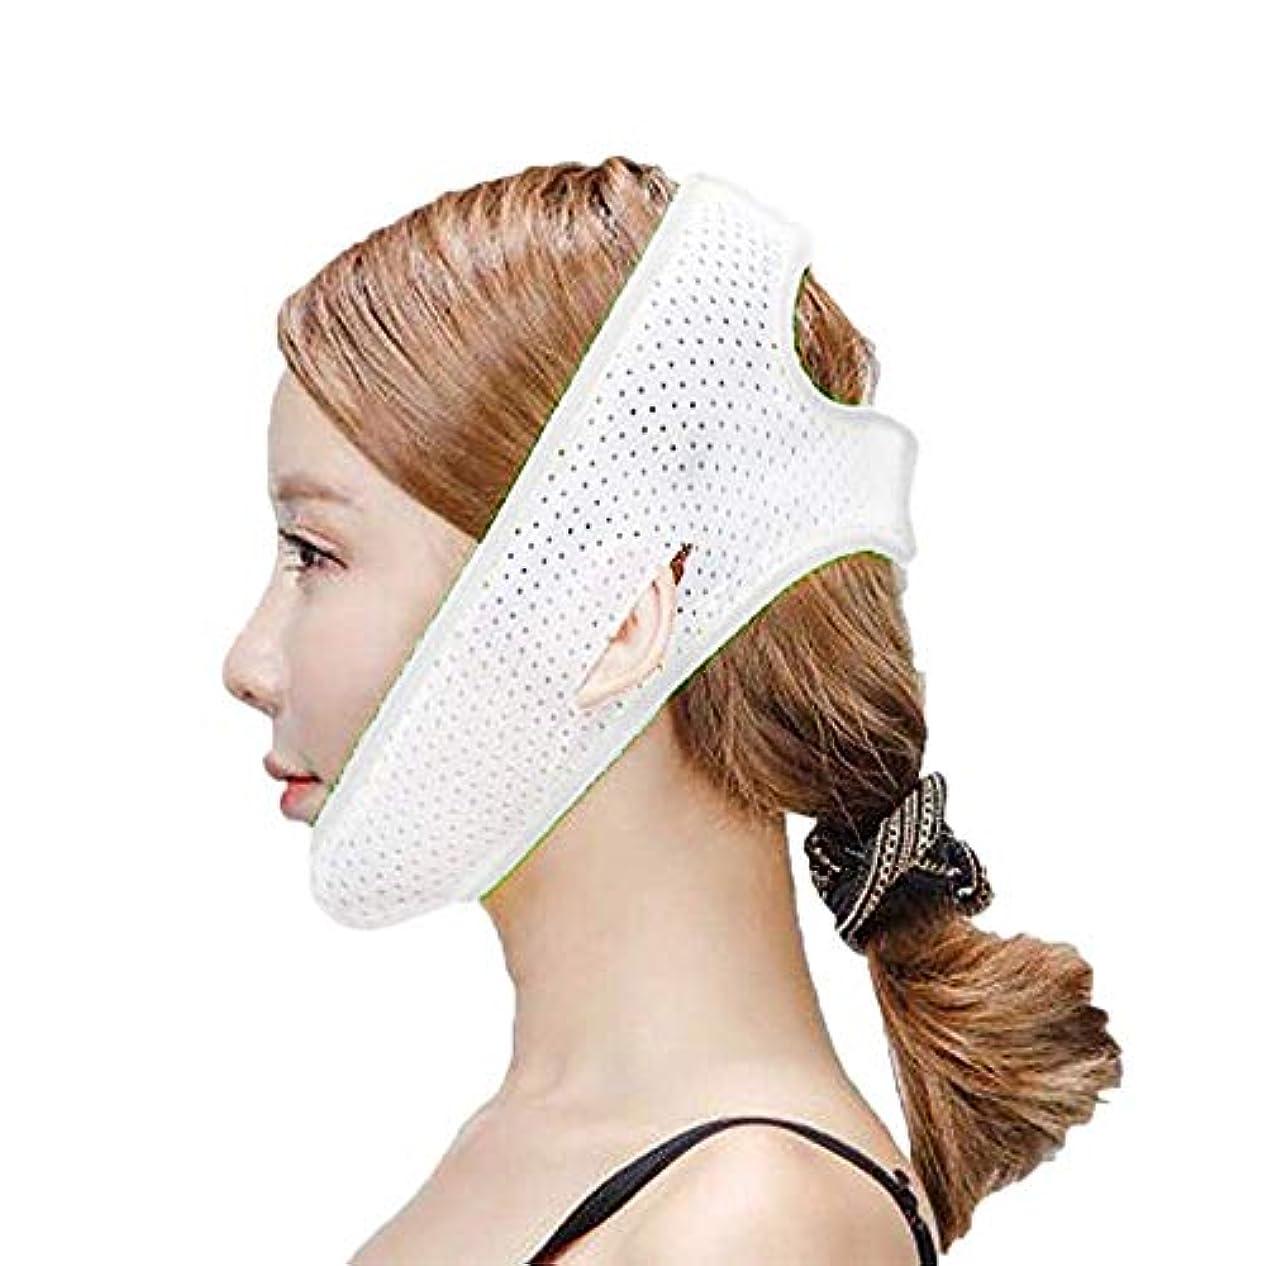 シロクマ遺棄された郡フェイスリフトマスク、ダブルチンストラップ、フェイシャル減量マスク、フェイシャルダブルチンケアスリミングマスク、リンクルマスク(フリーサイズ)(カラー:ブラック),白